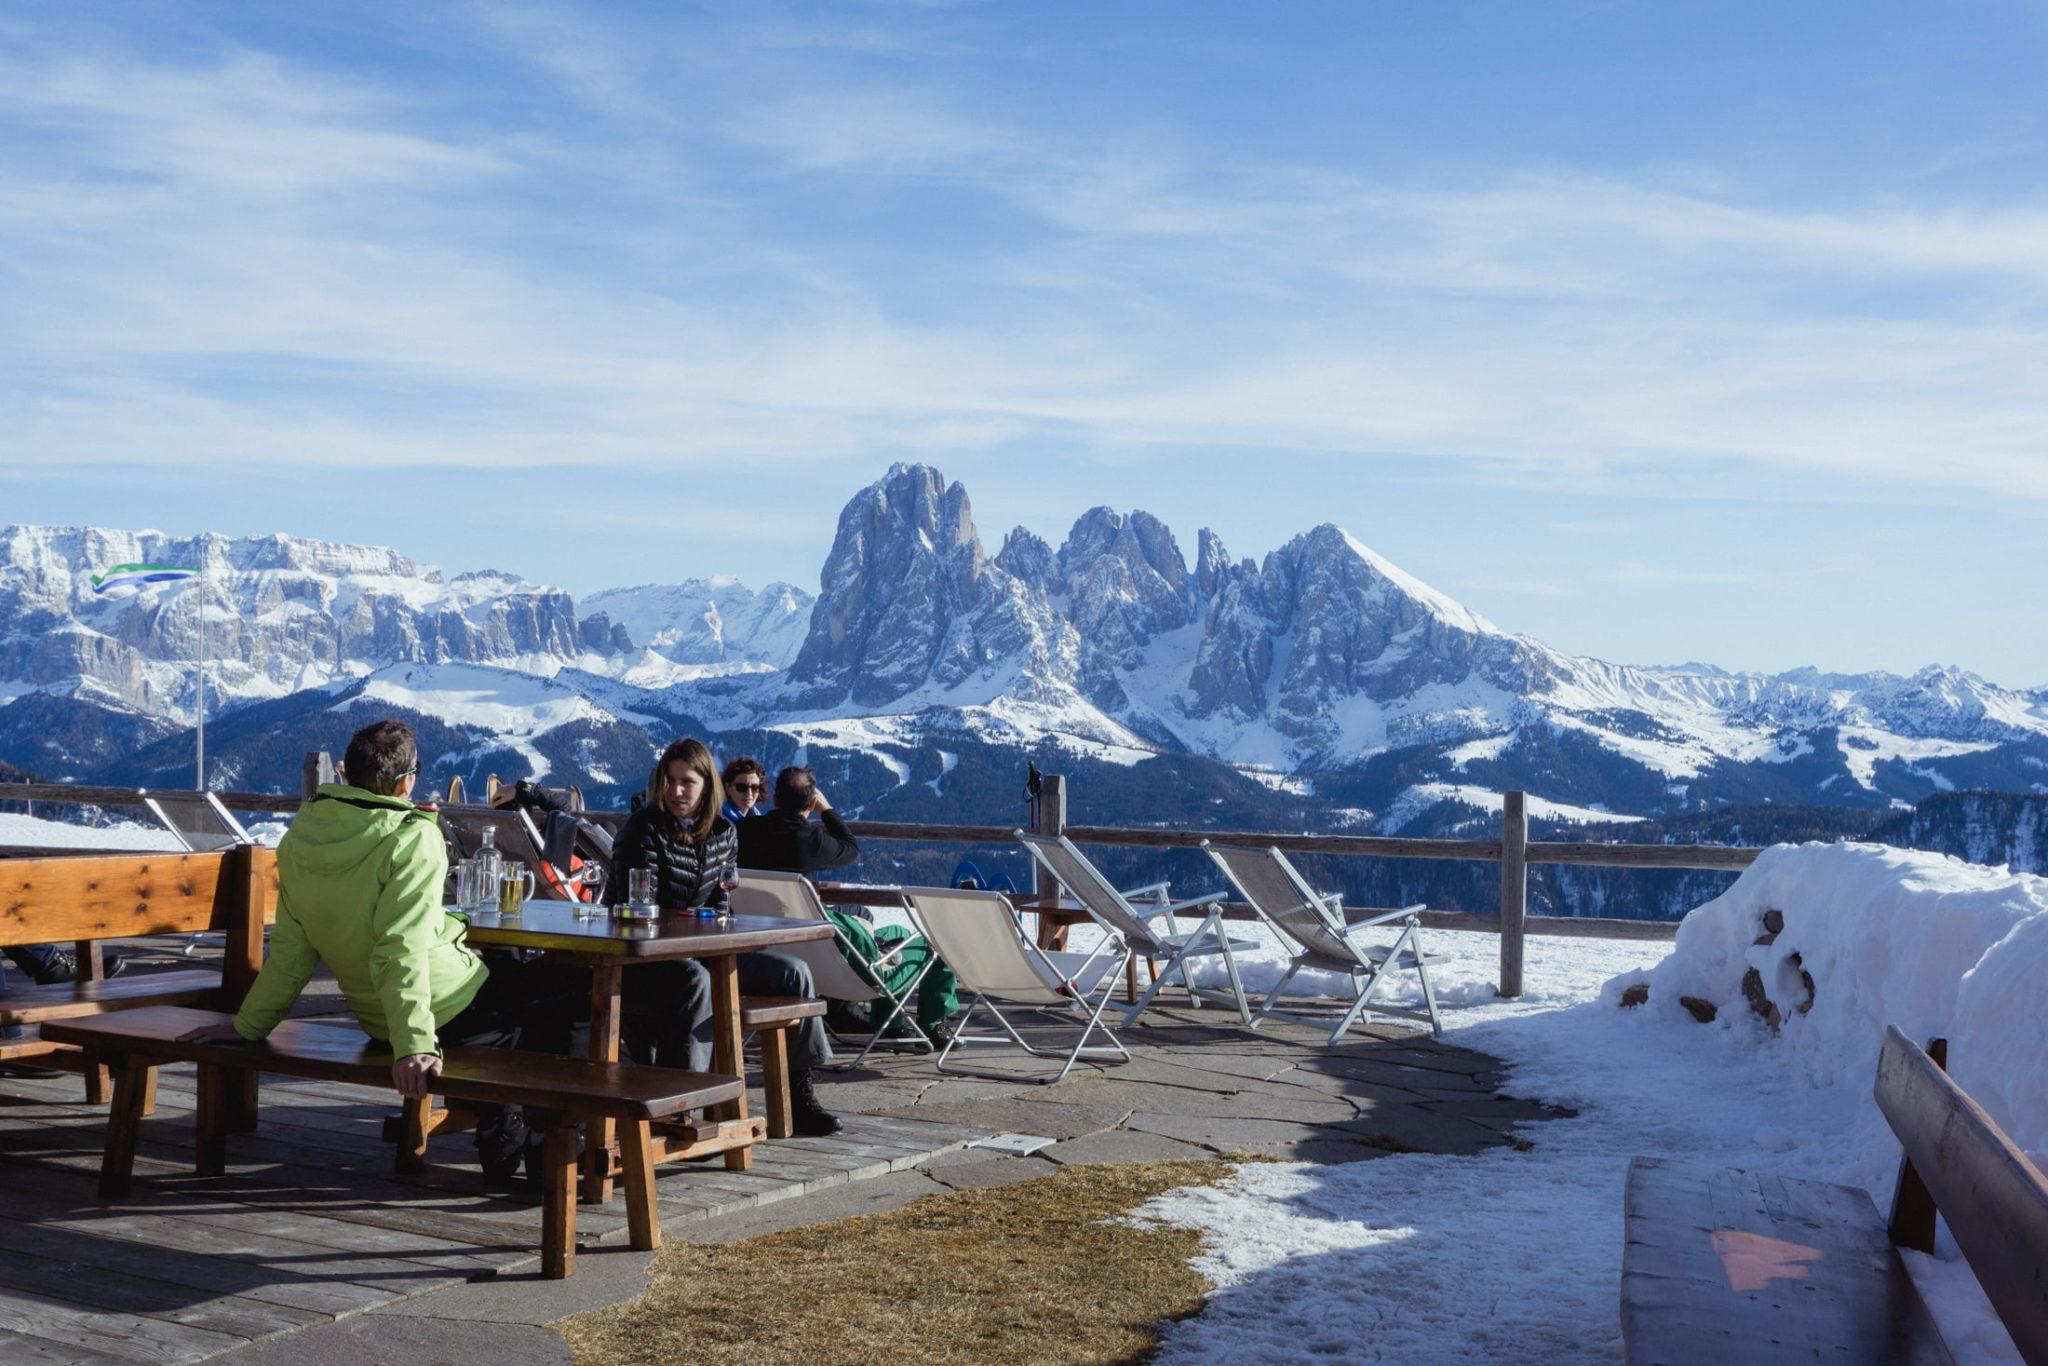 La terrazza panoramica del Rifugio Resciesa - Foto © Dolomiti Review